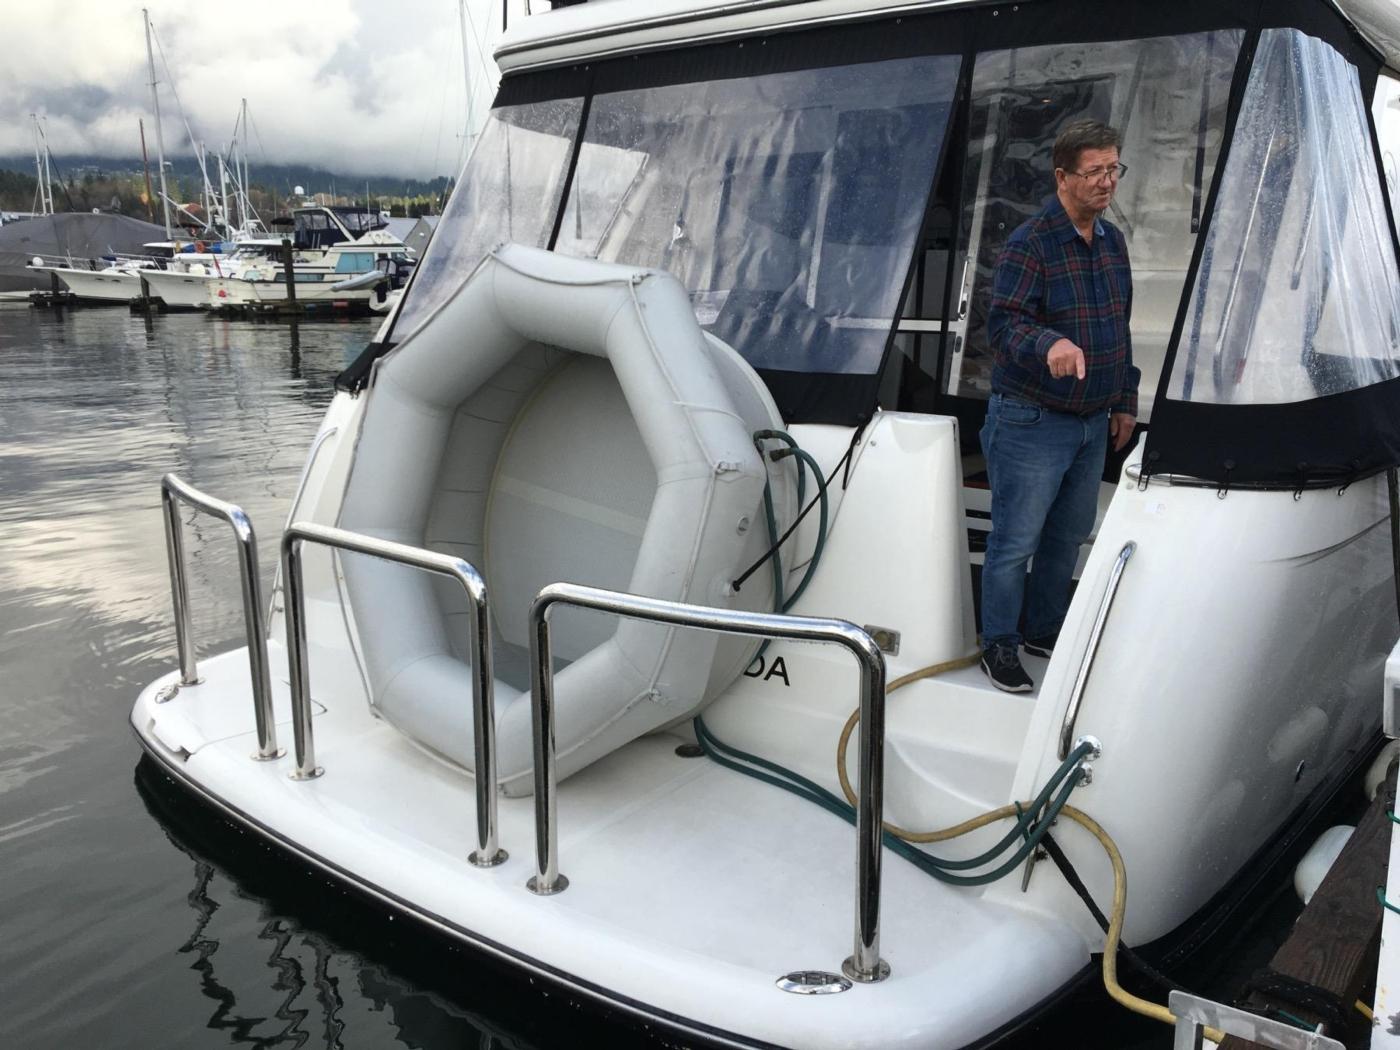 1999 Bayliner 5788 Pilot House Motoryacht, Yachtub